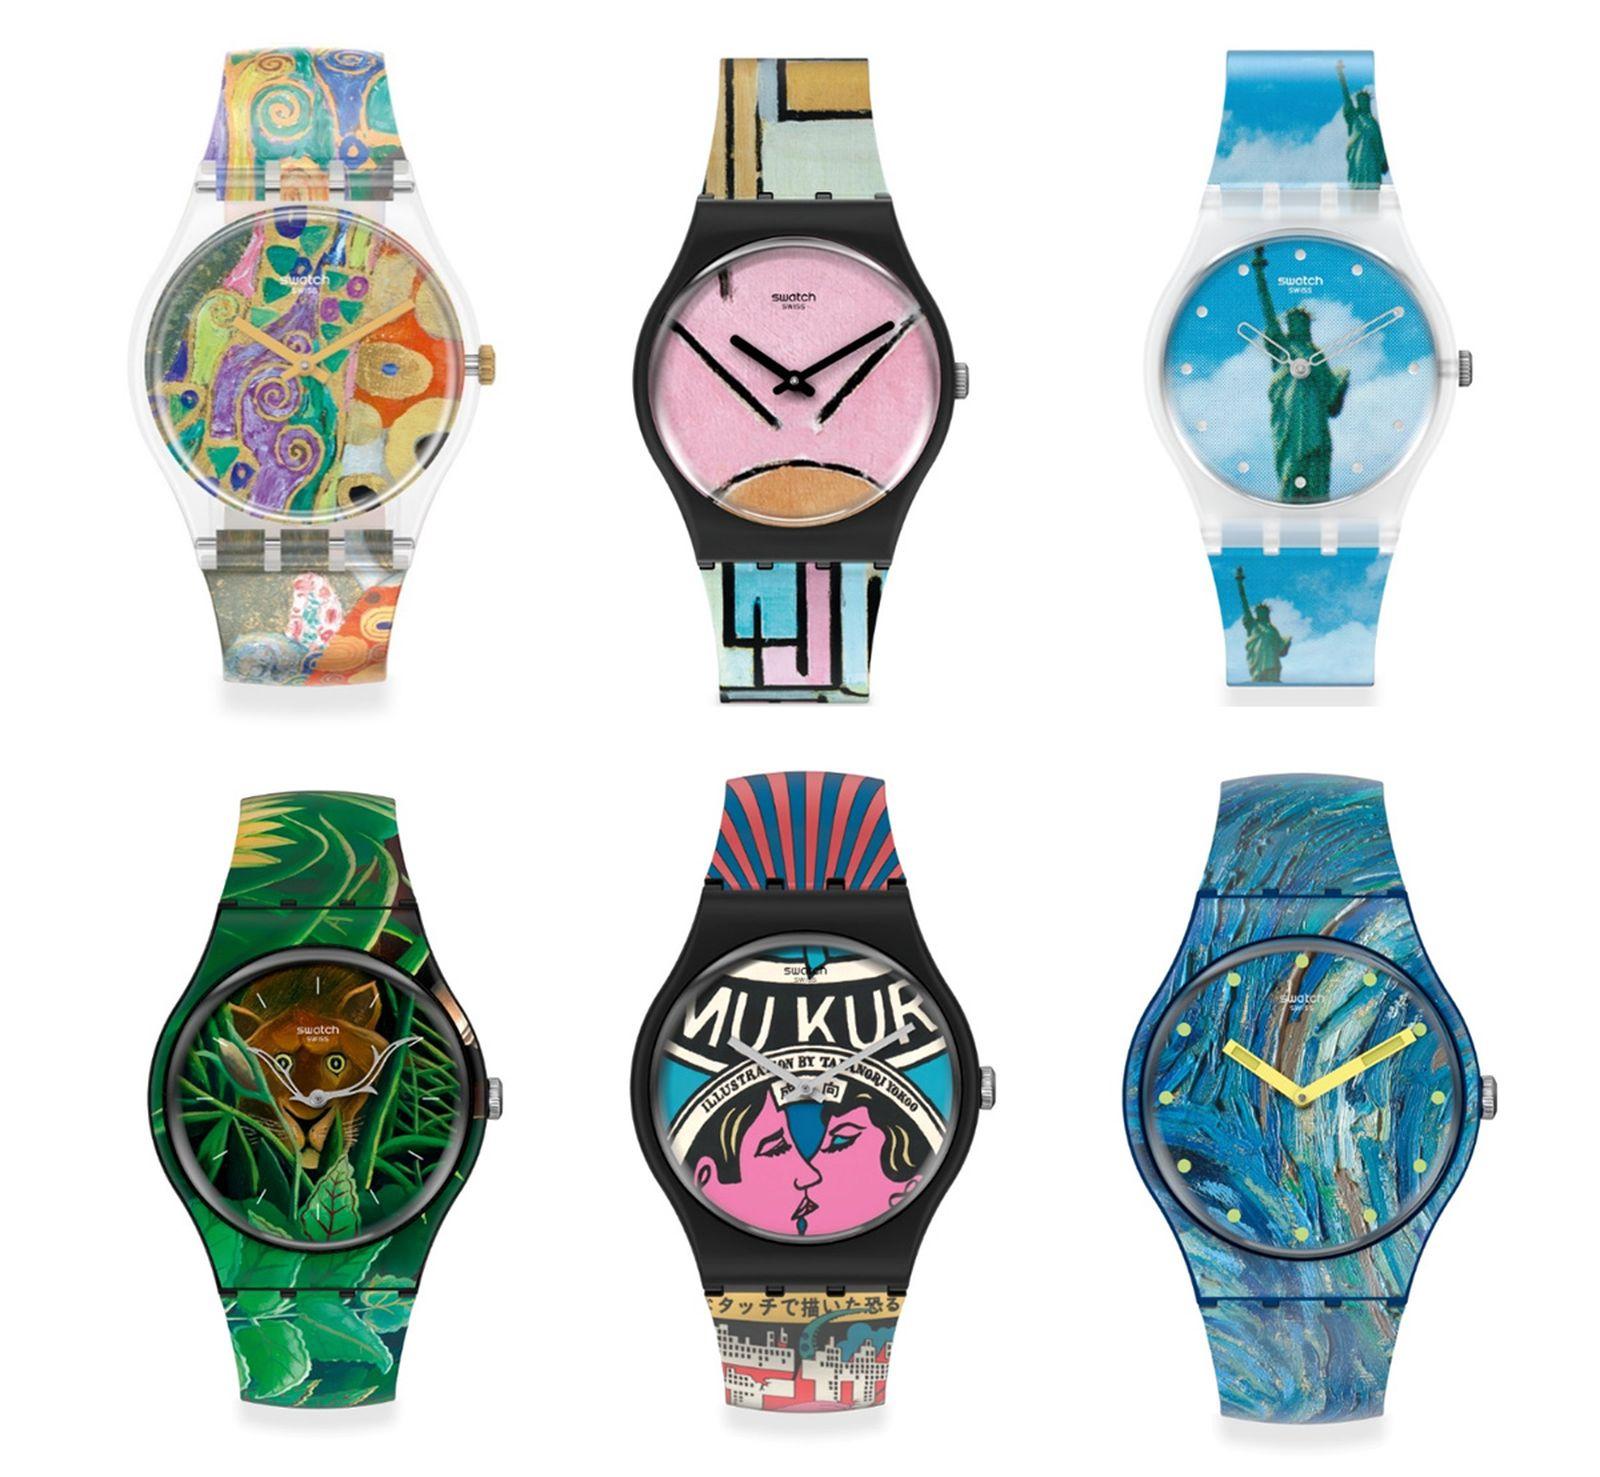 keith-haring-art-watches-moma